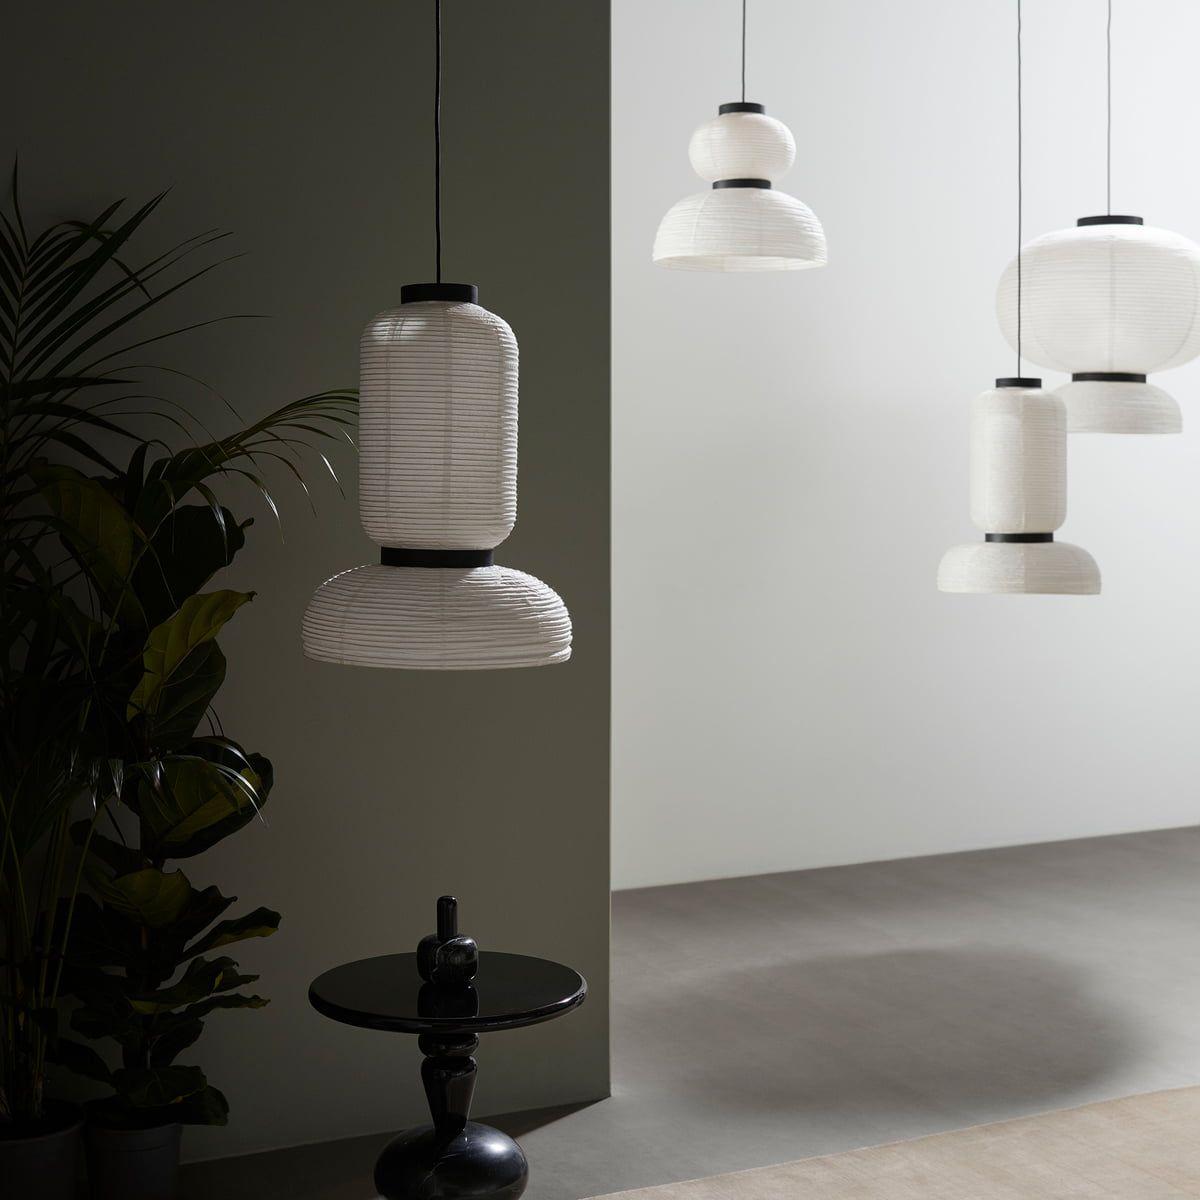 Skulpturale Lampen Aus Papier Werden Auch Hierzulande Immer Beliebter Wen Wundert Es Papier Ist Vielseitig Und Nach Pendant Light Lamp